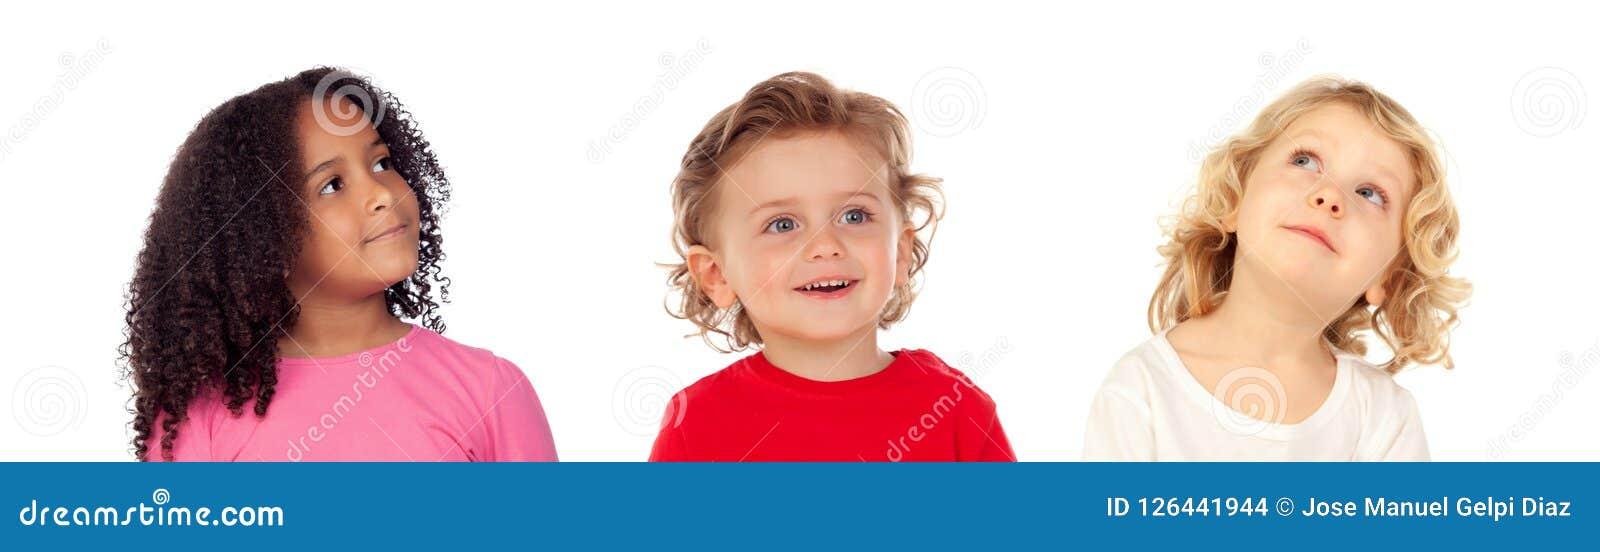 Tre bambini differenti